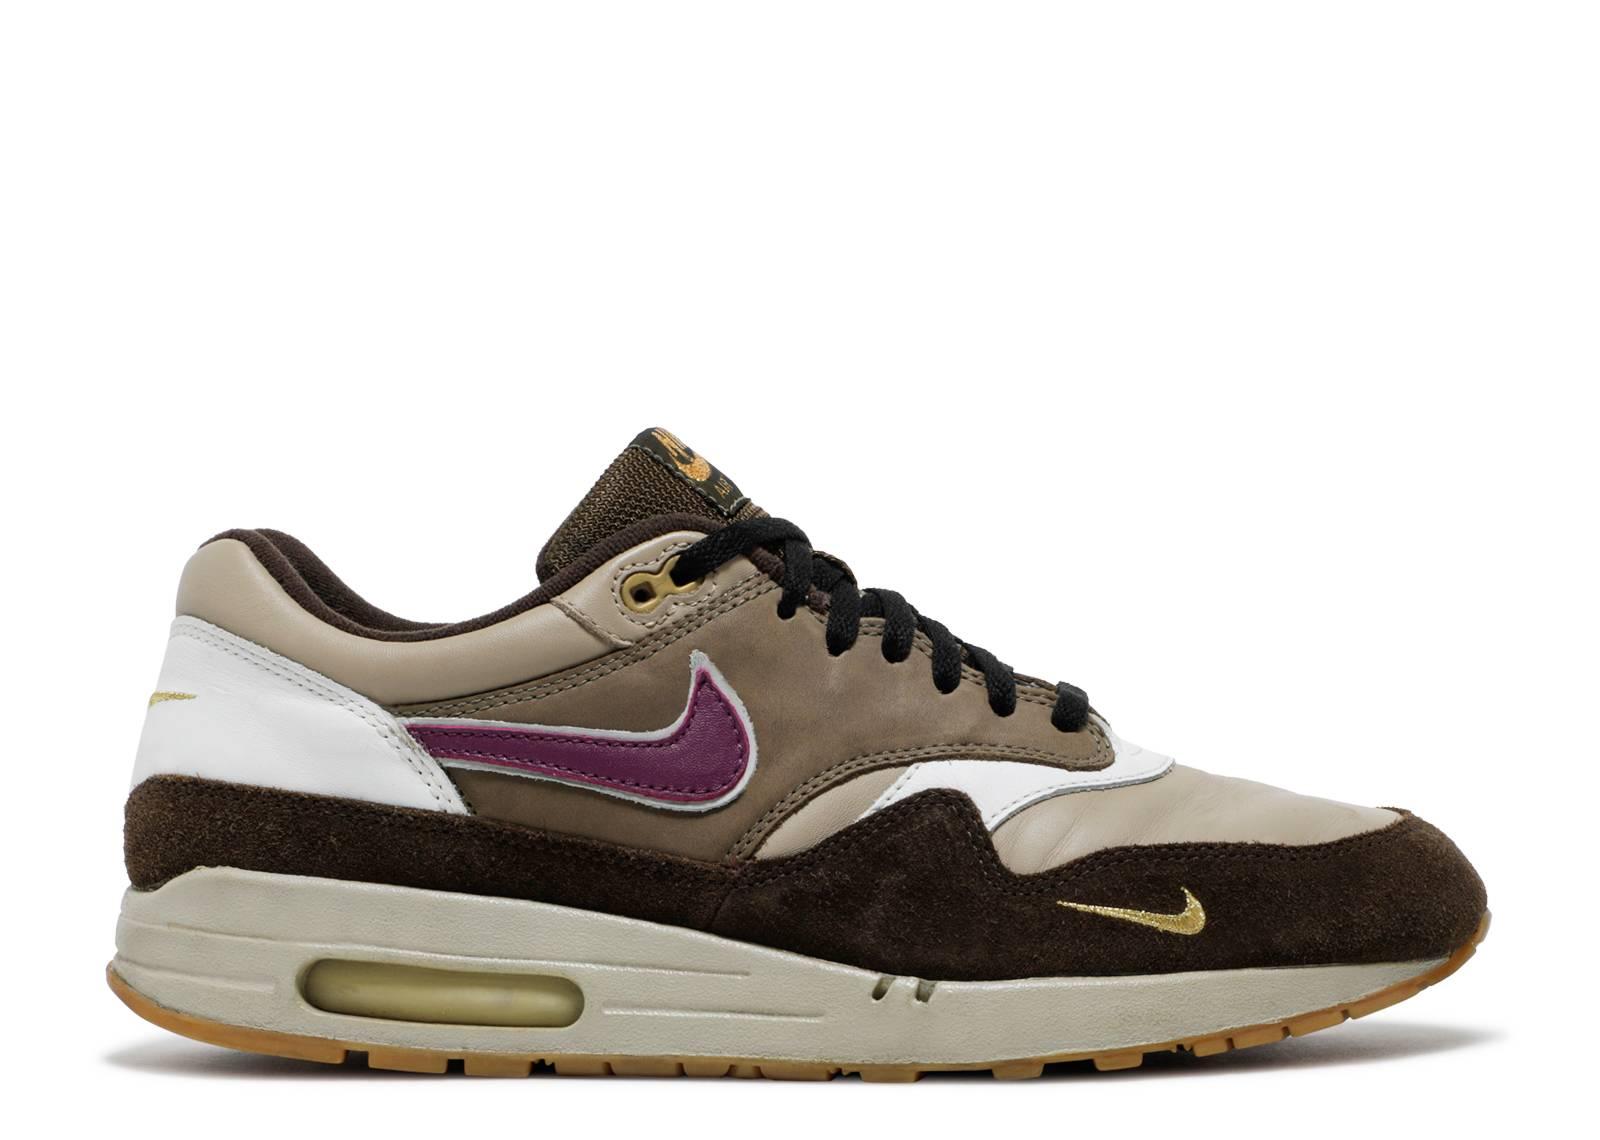 Nike Air Max 1 Shoes Premium Atmos Edition